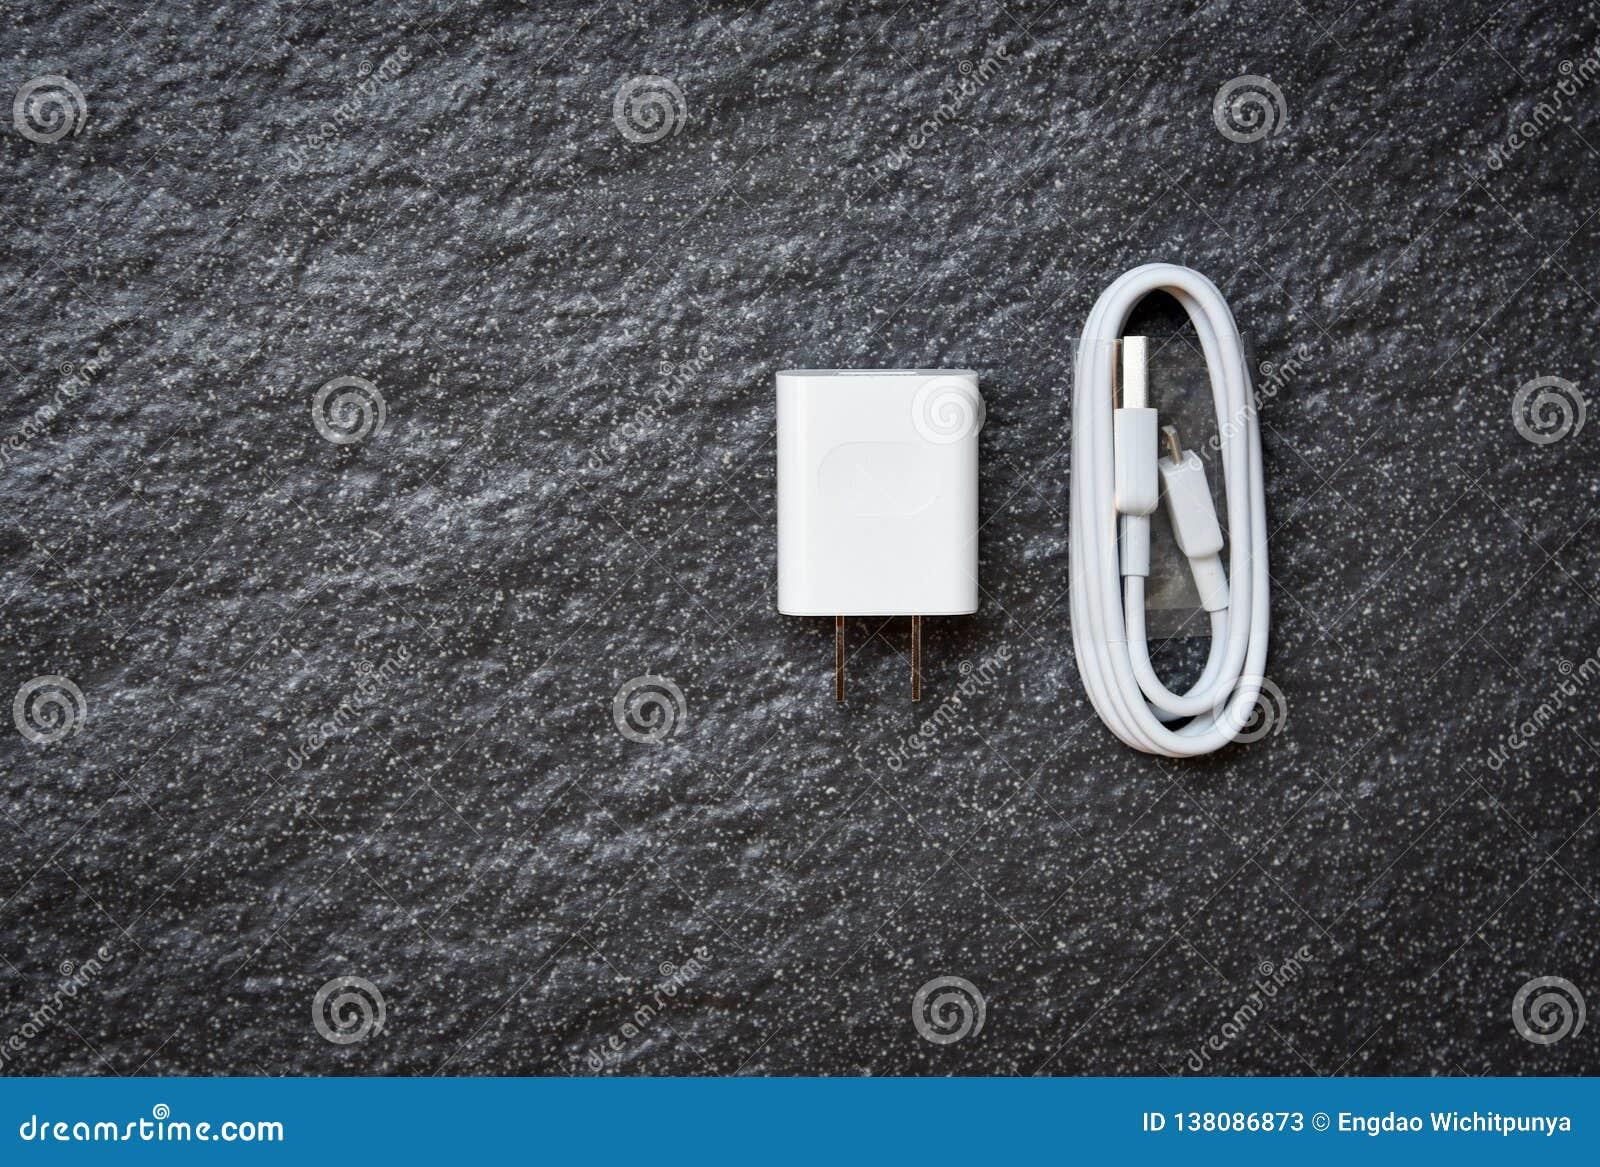 Φορτιστής δύναμης προσαρμοστών Smartphone και άσπρο καλώδιο USB για τους κινητούς τηλεφωνικούς φορτιστές